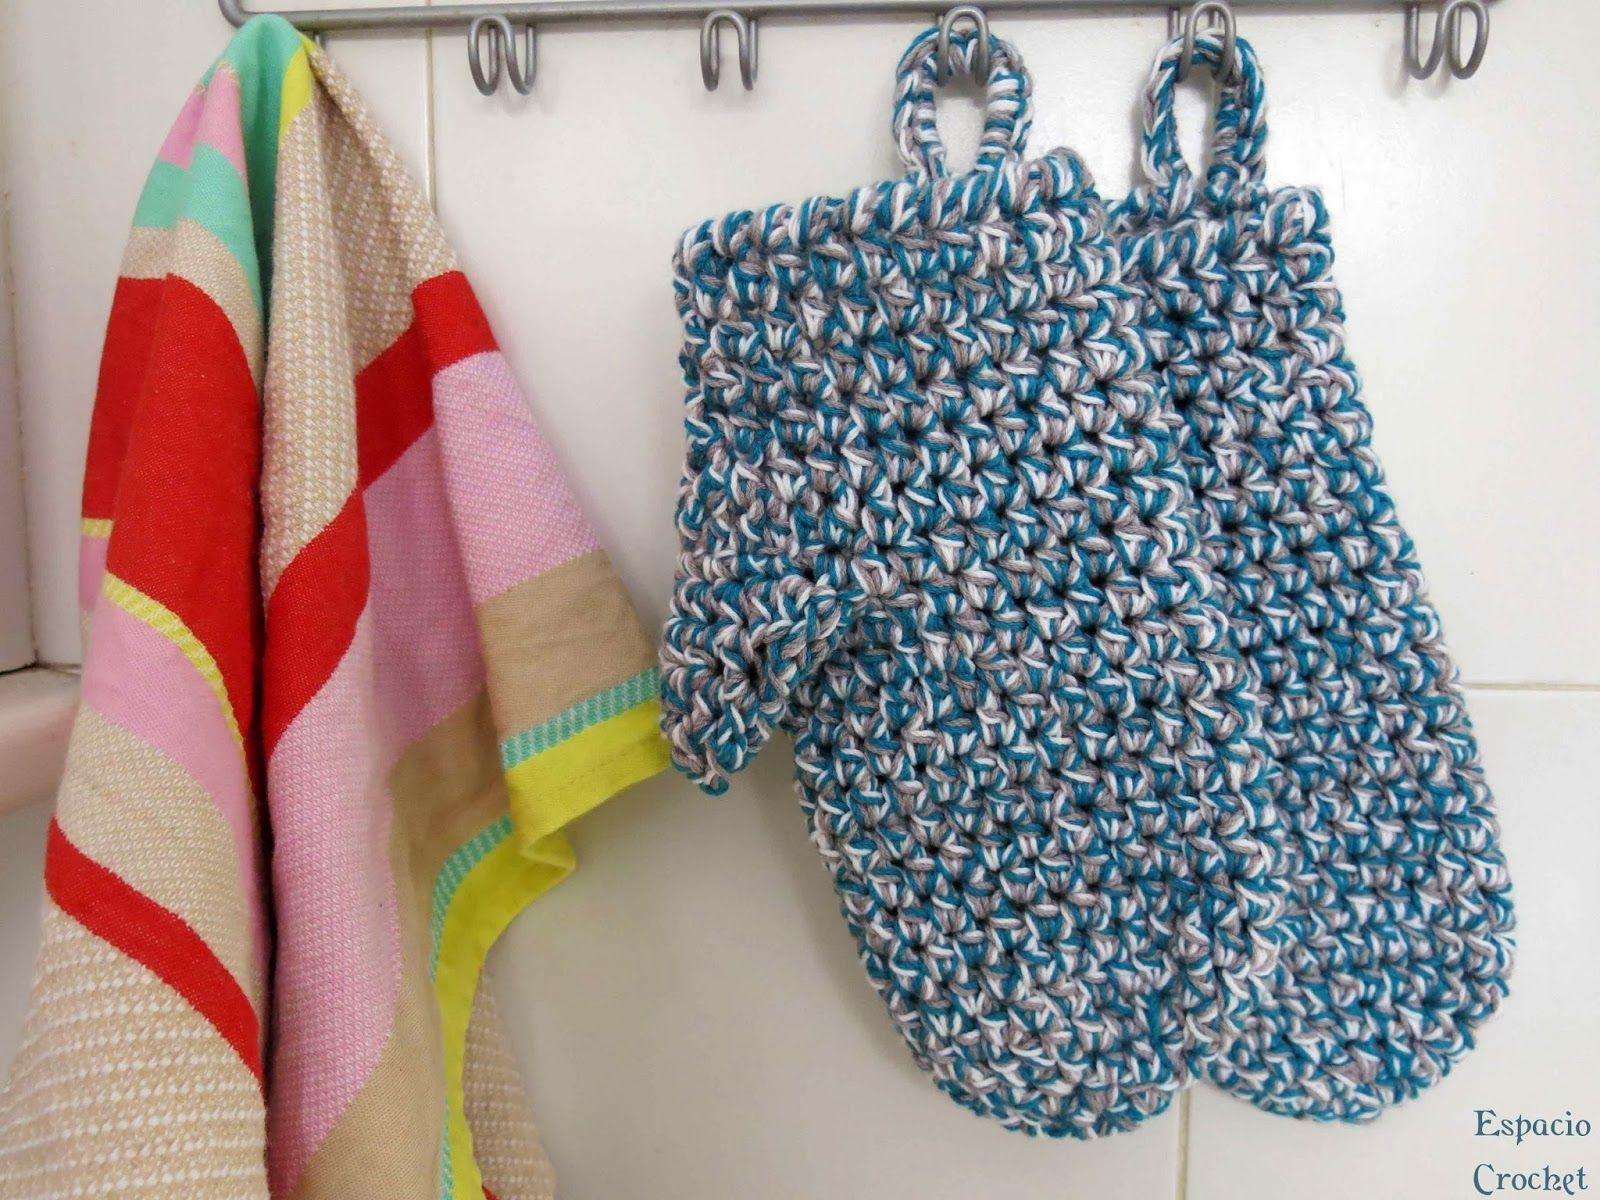 Espacio Crochet: Manoplas de cocina | Crochet / Ganchillo ...